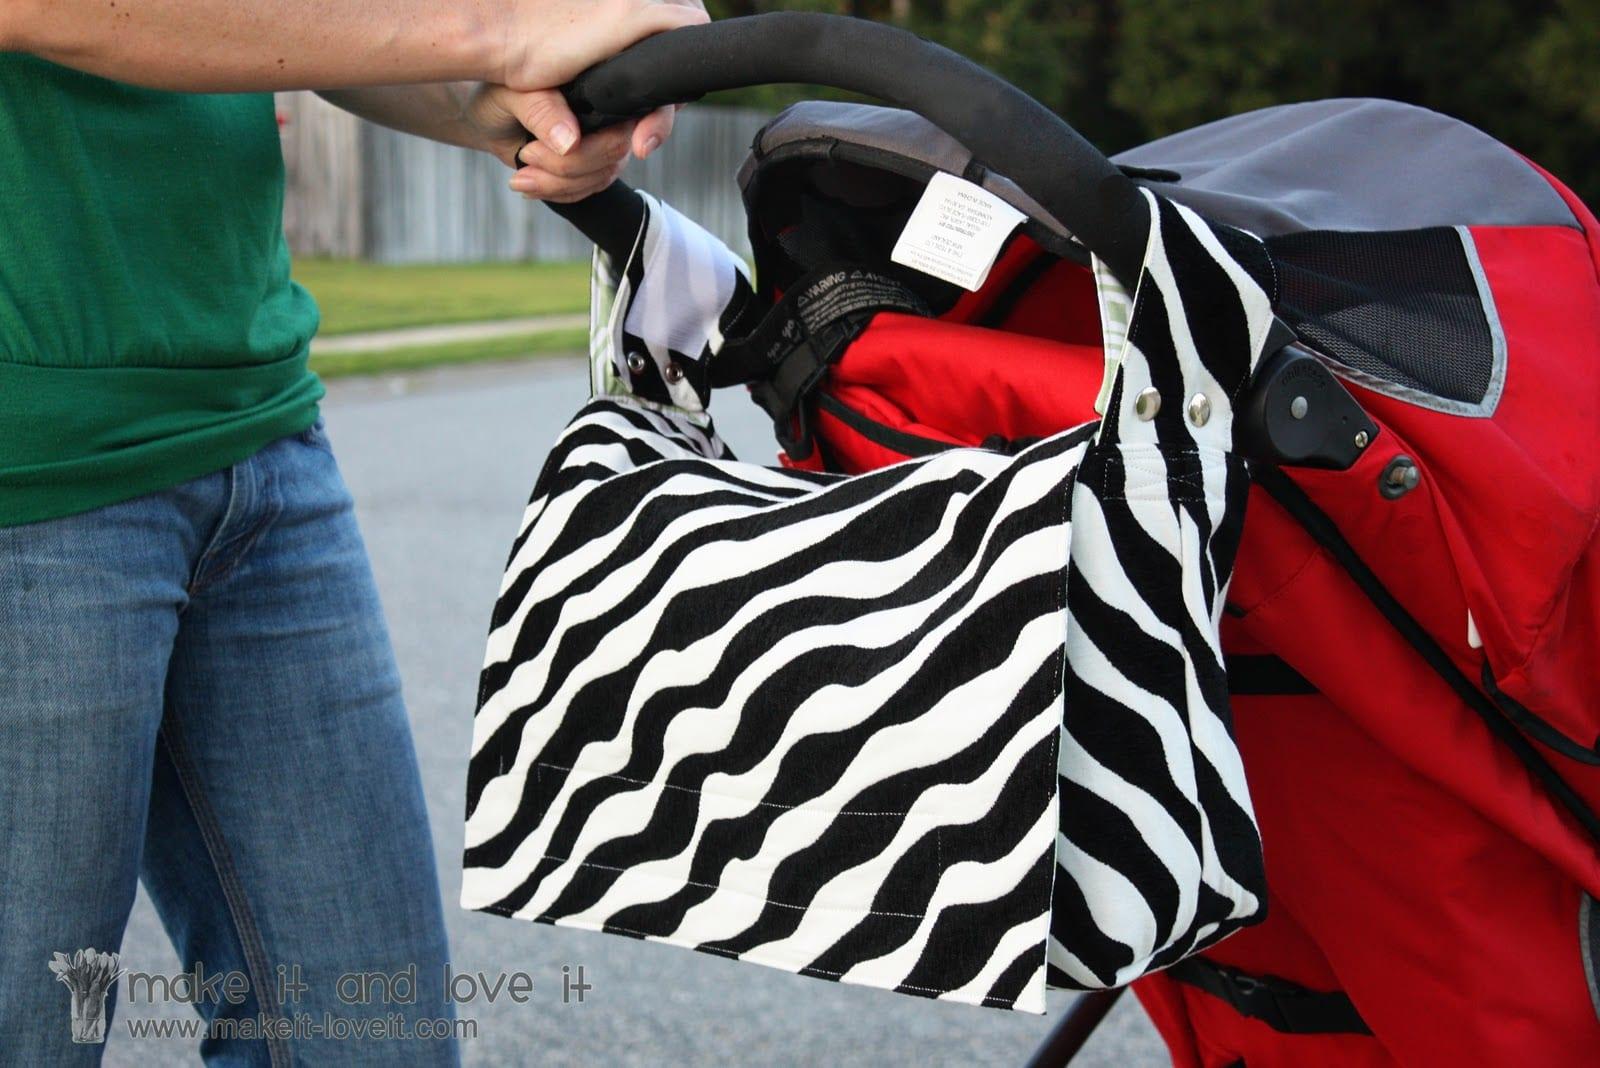 2 In 1 Bag Stroller Bag Into A Messenger Bag Make It